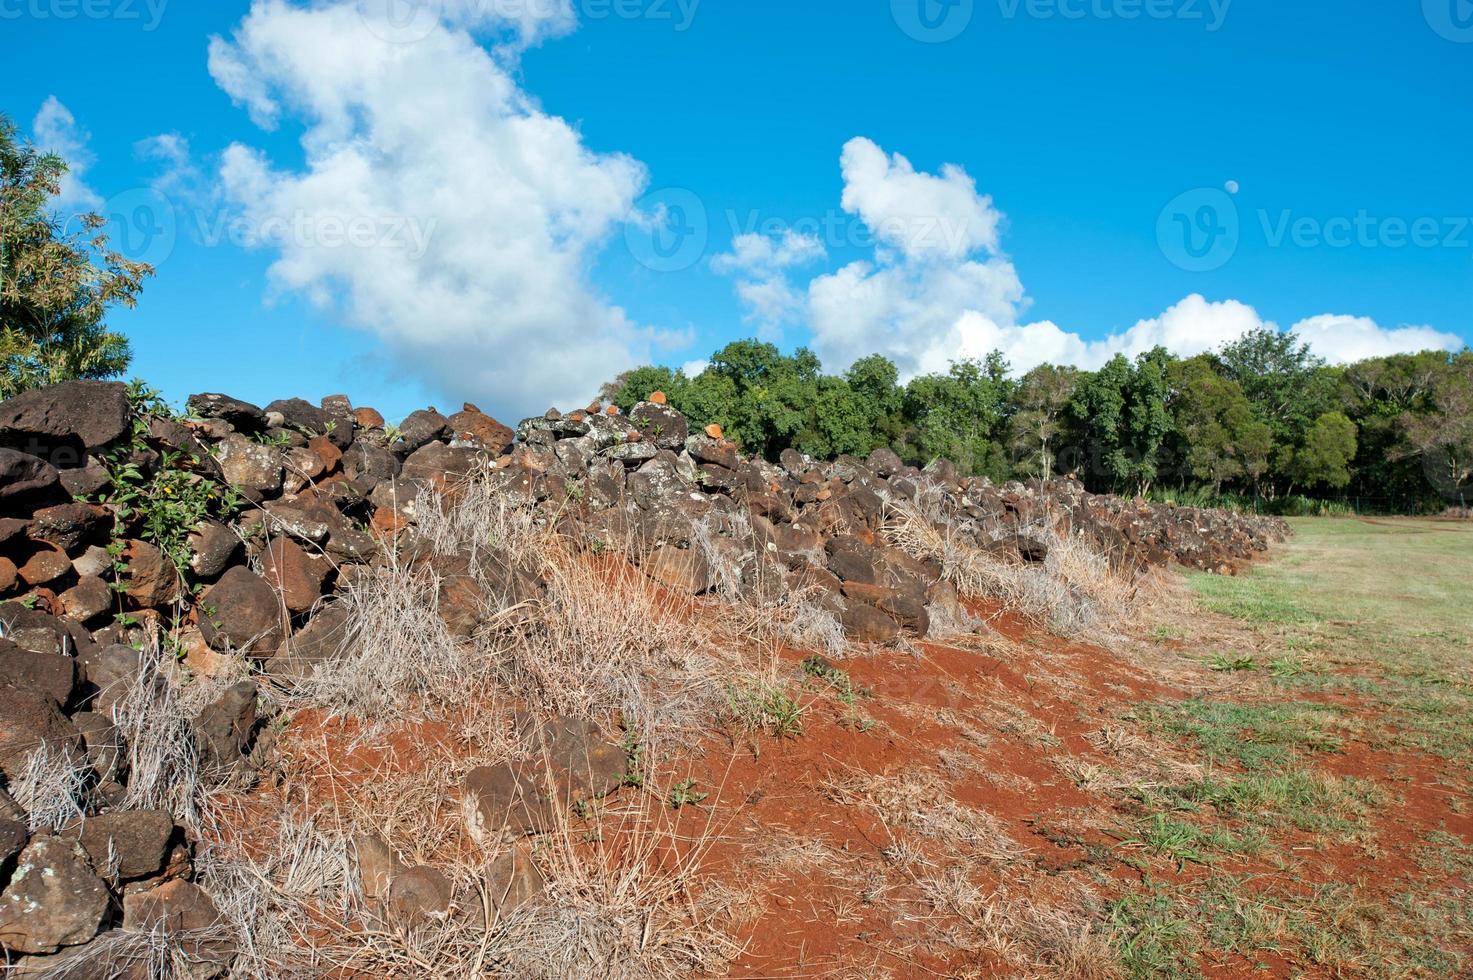 pu'u o mahuka heiau, local sagrado em oahu, havaí foto